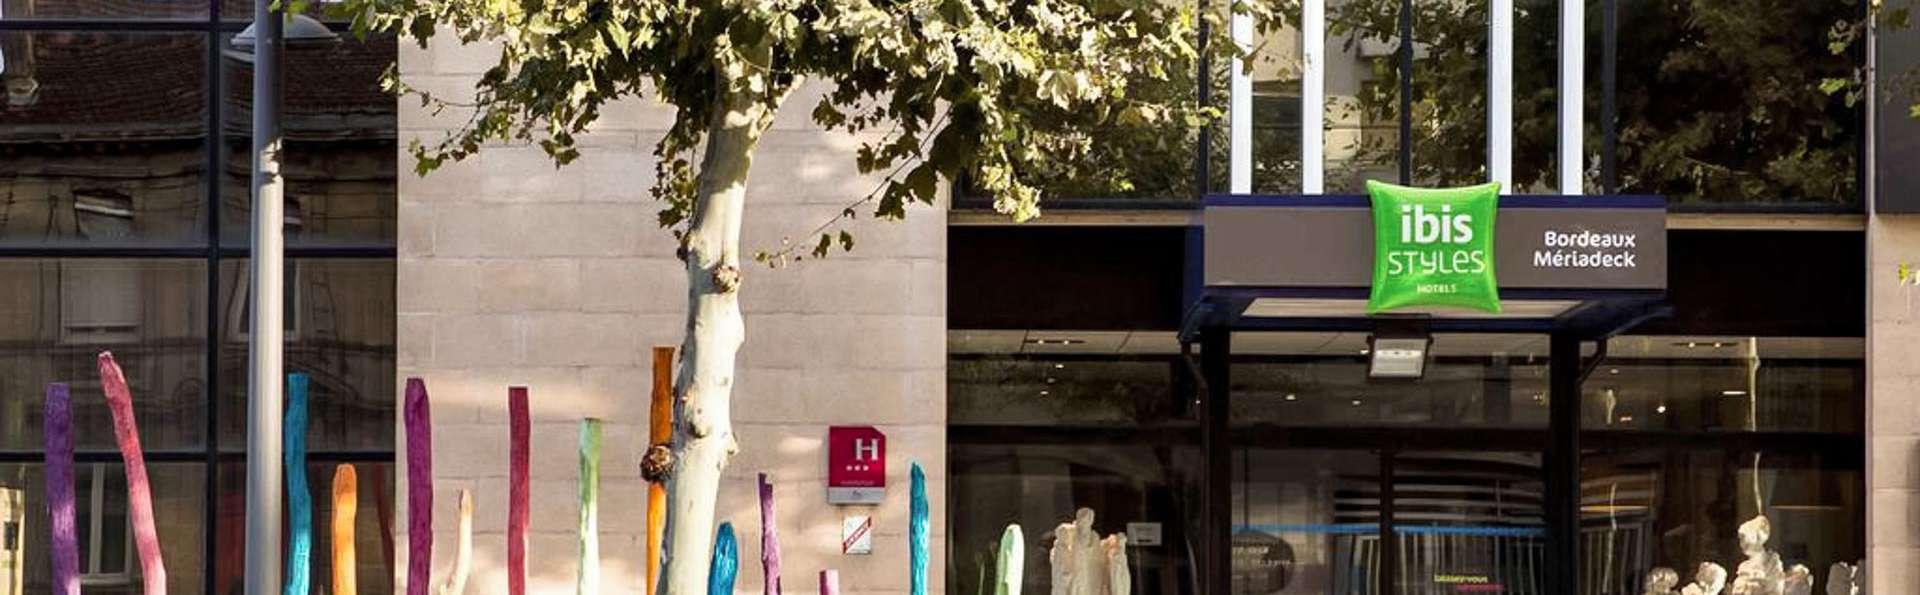 Ibis Styles Bordeaux Meriadeck - EDIT_FRONT_02.jpg